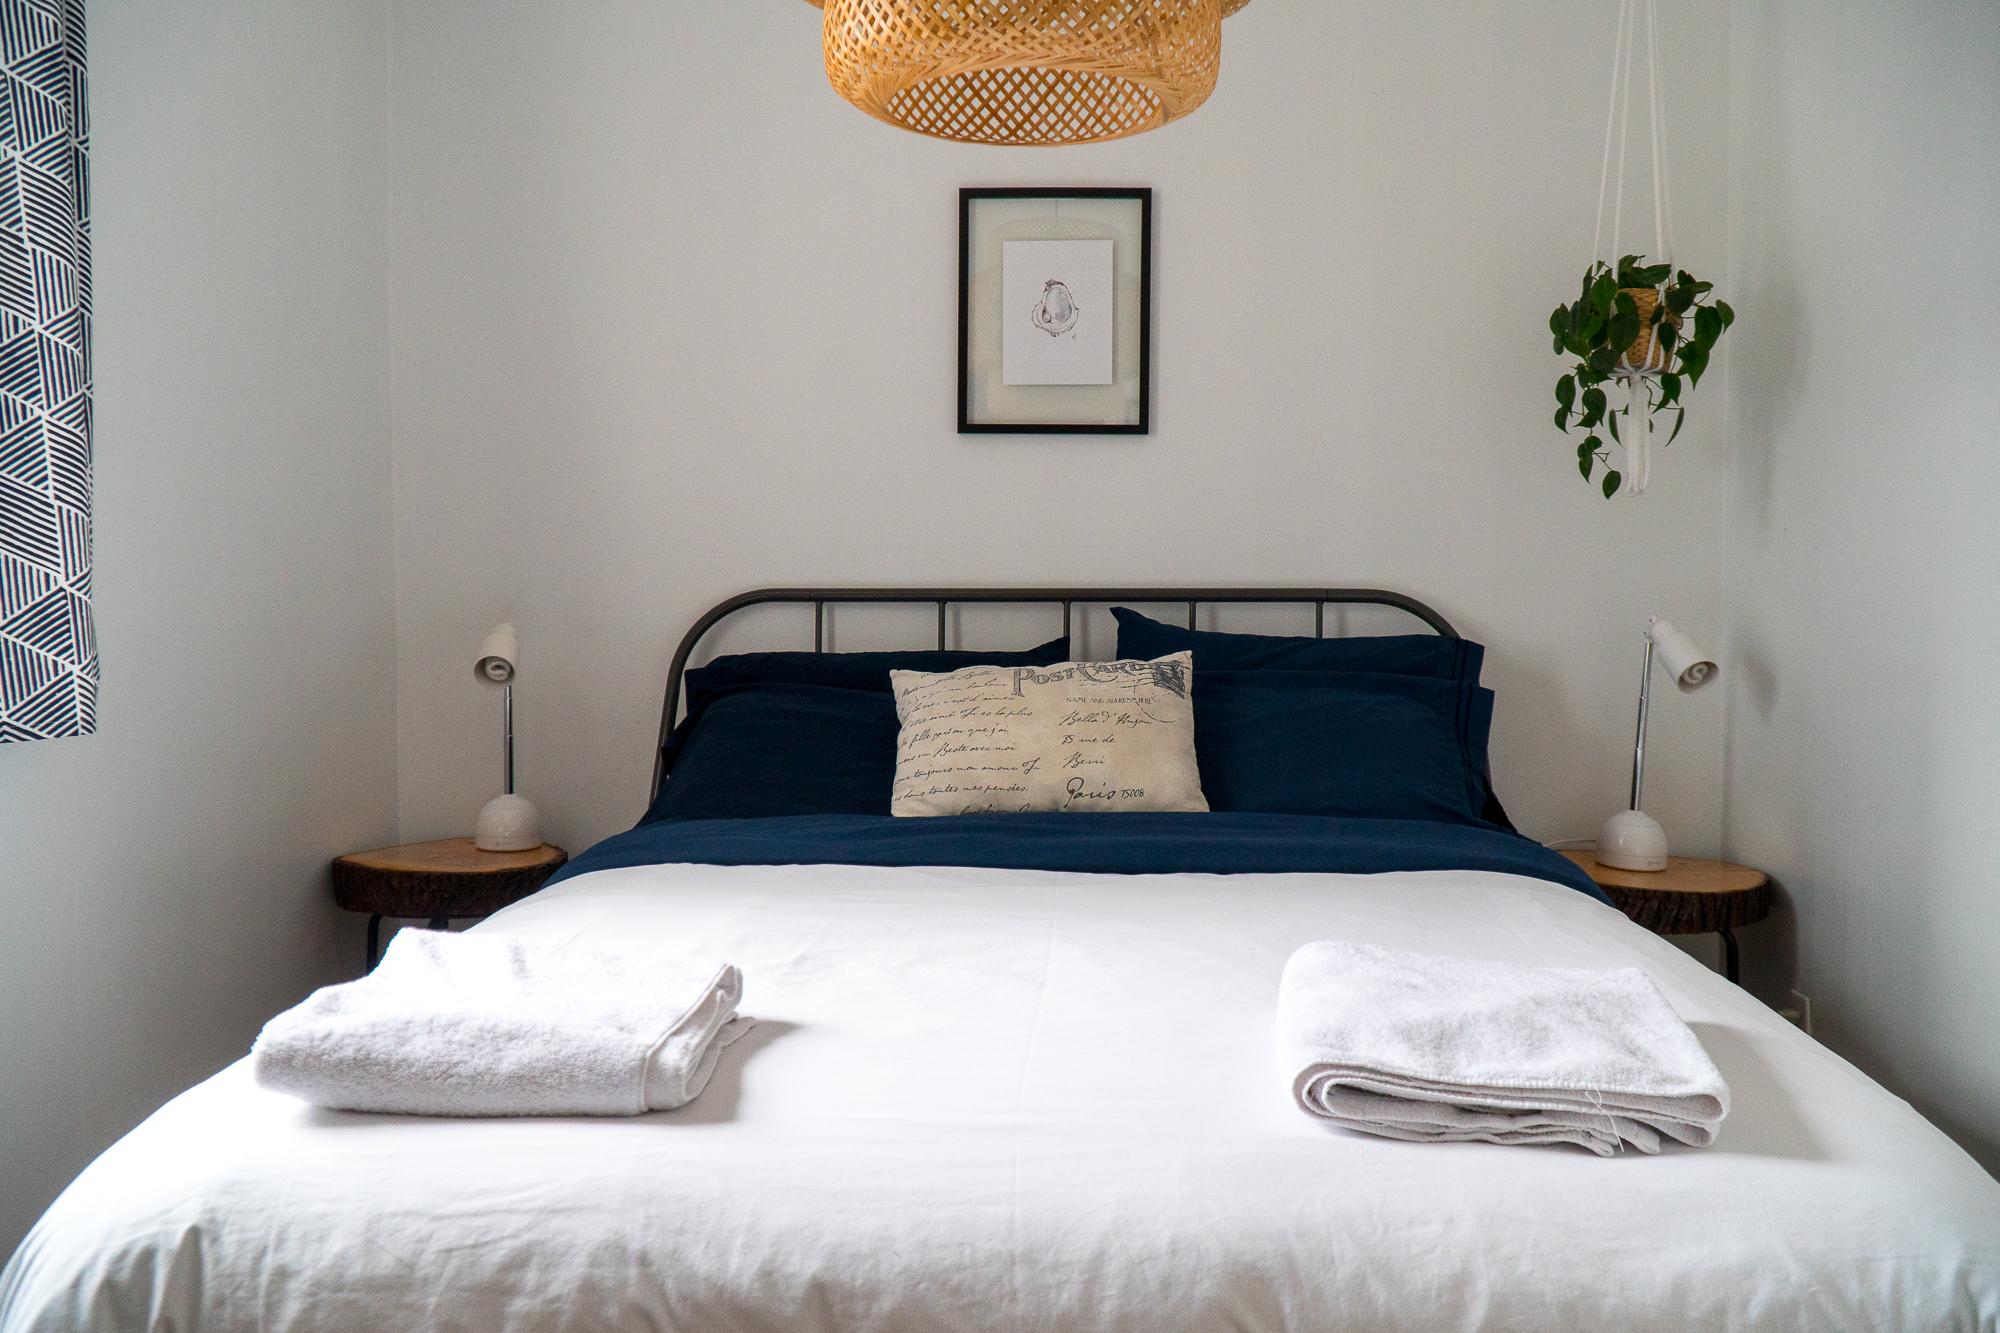 Lit de chambre privée double La Cabane Guesthouse de Saint-Boniface